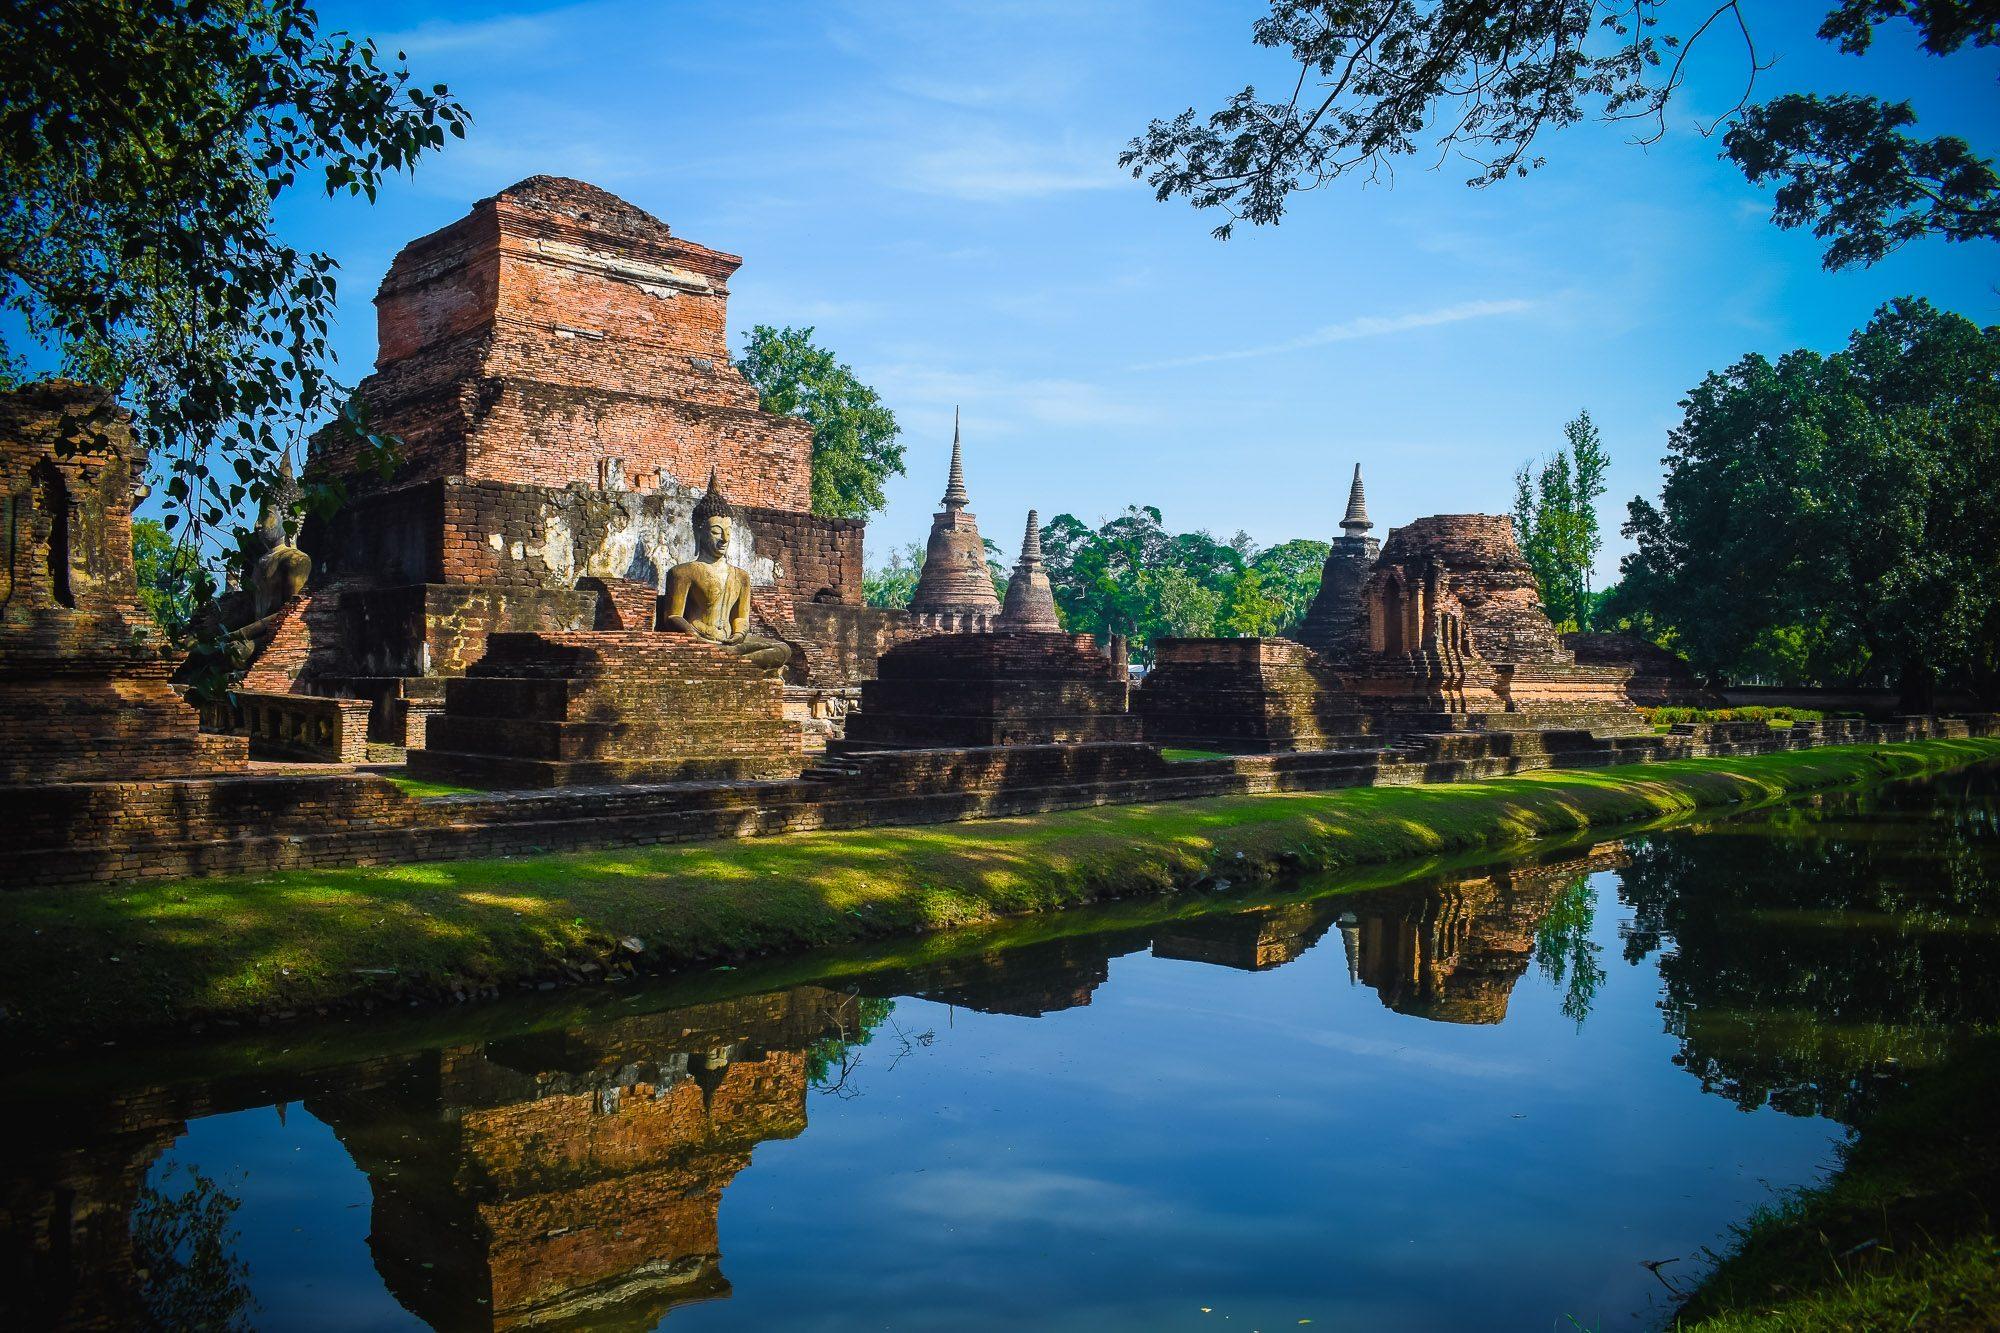 monuments, Parc, étang, eau, Cité de la joie, Sukhothai - Fonds d'écran HD - Professor-falken.com